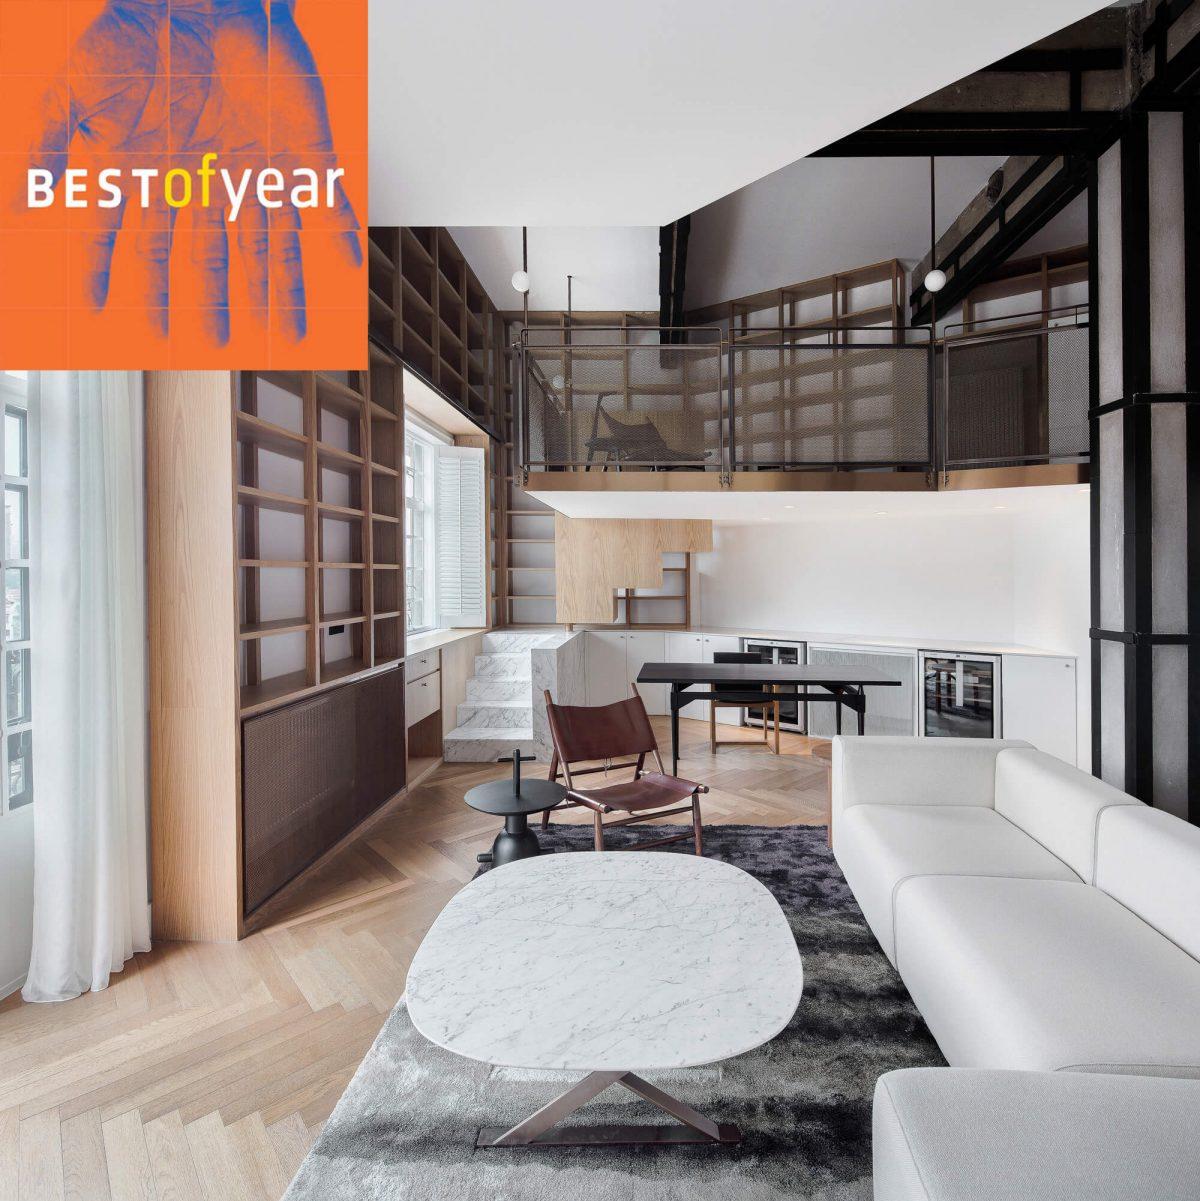 2017 美国室内设计年度最佳奖